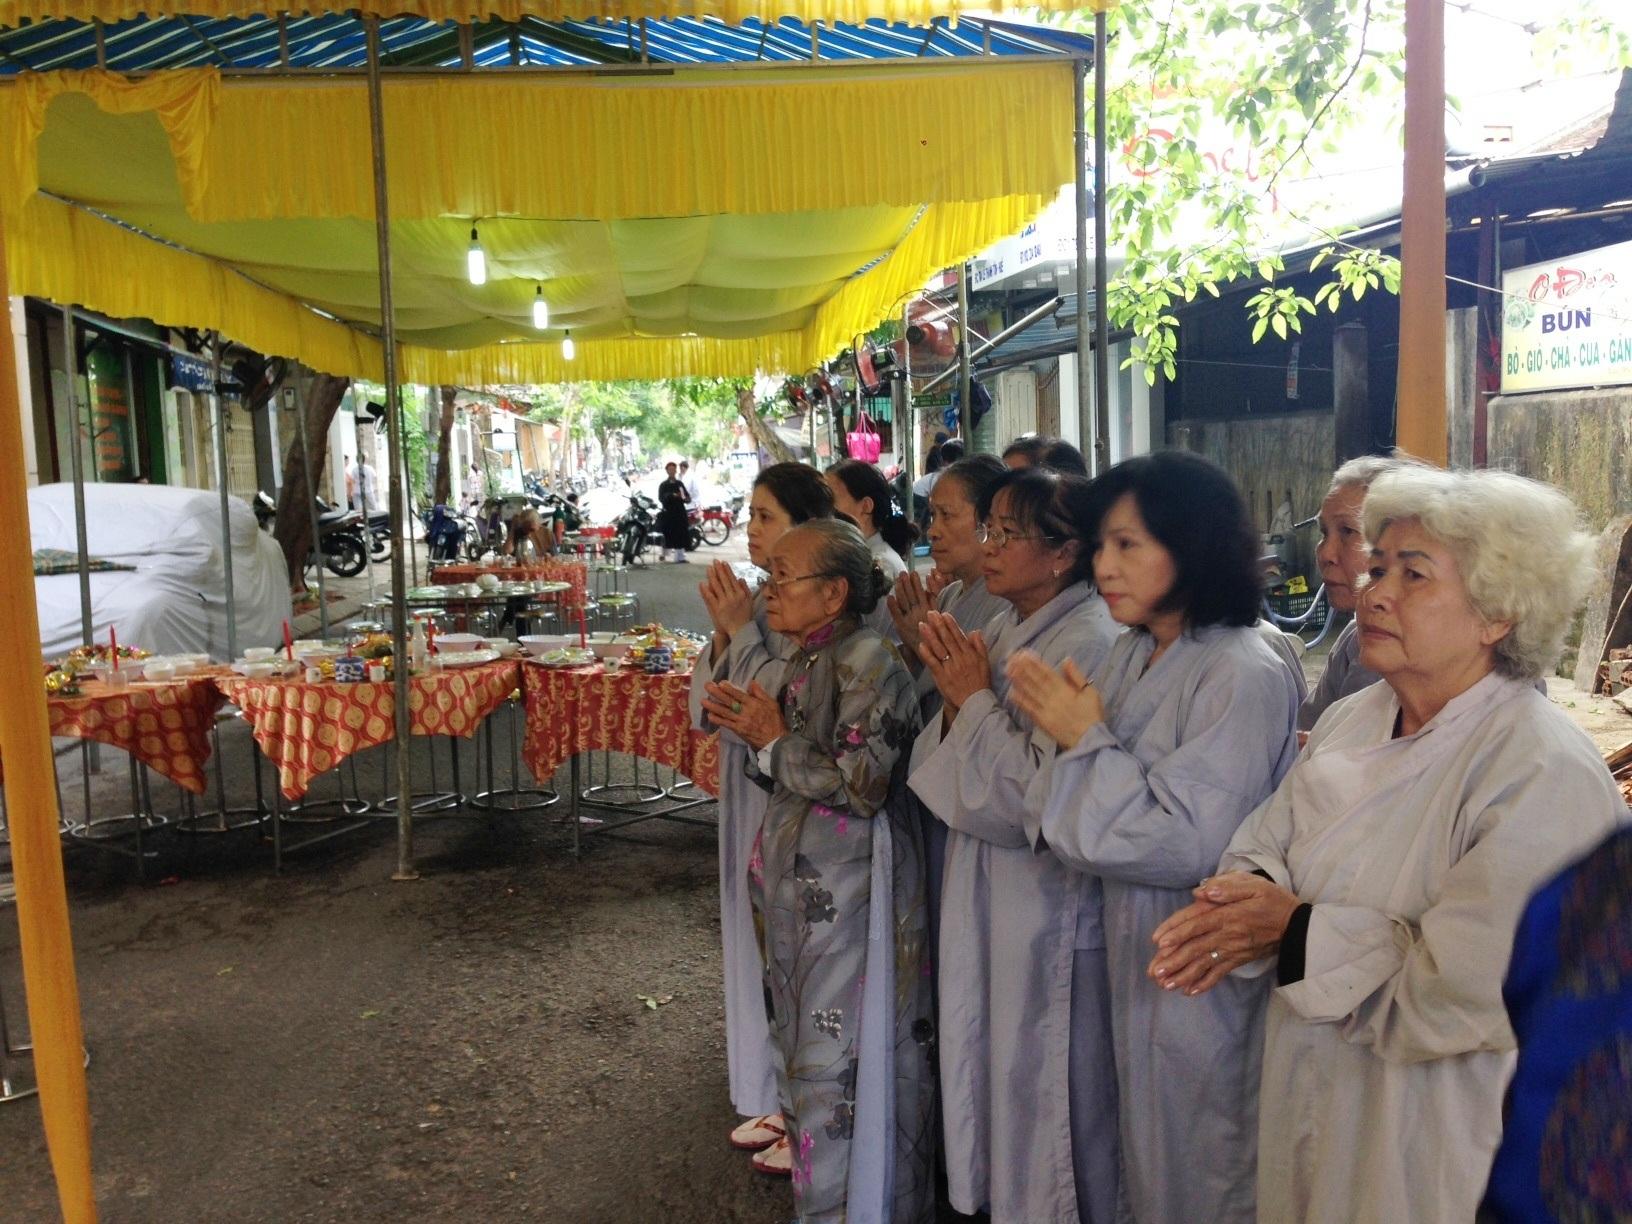 Buổi lễ thu hút nhiều người dân địa phương tham dự